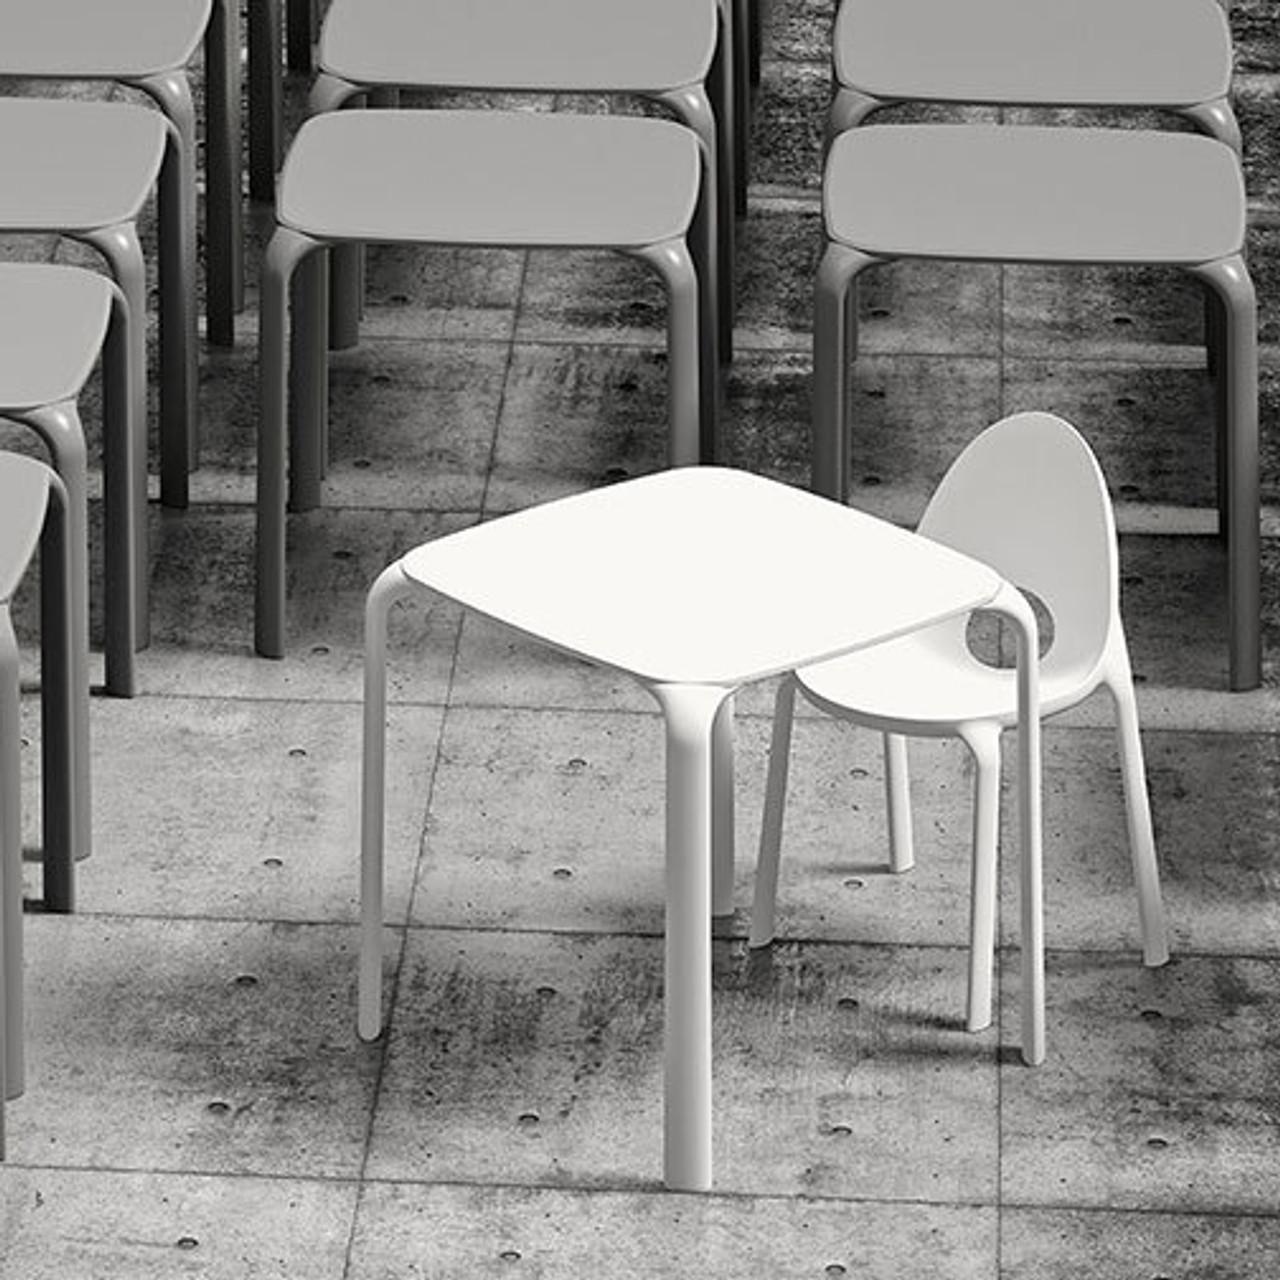 Magnuson Stilla Tables - Outdoor